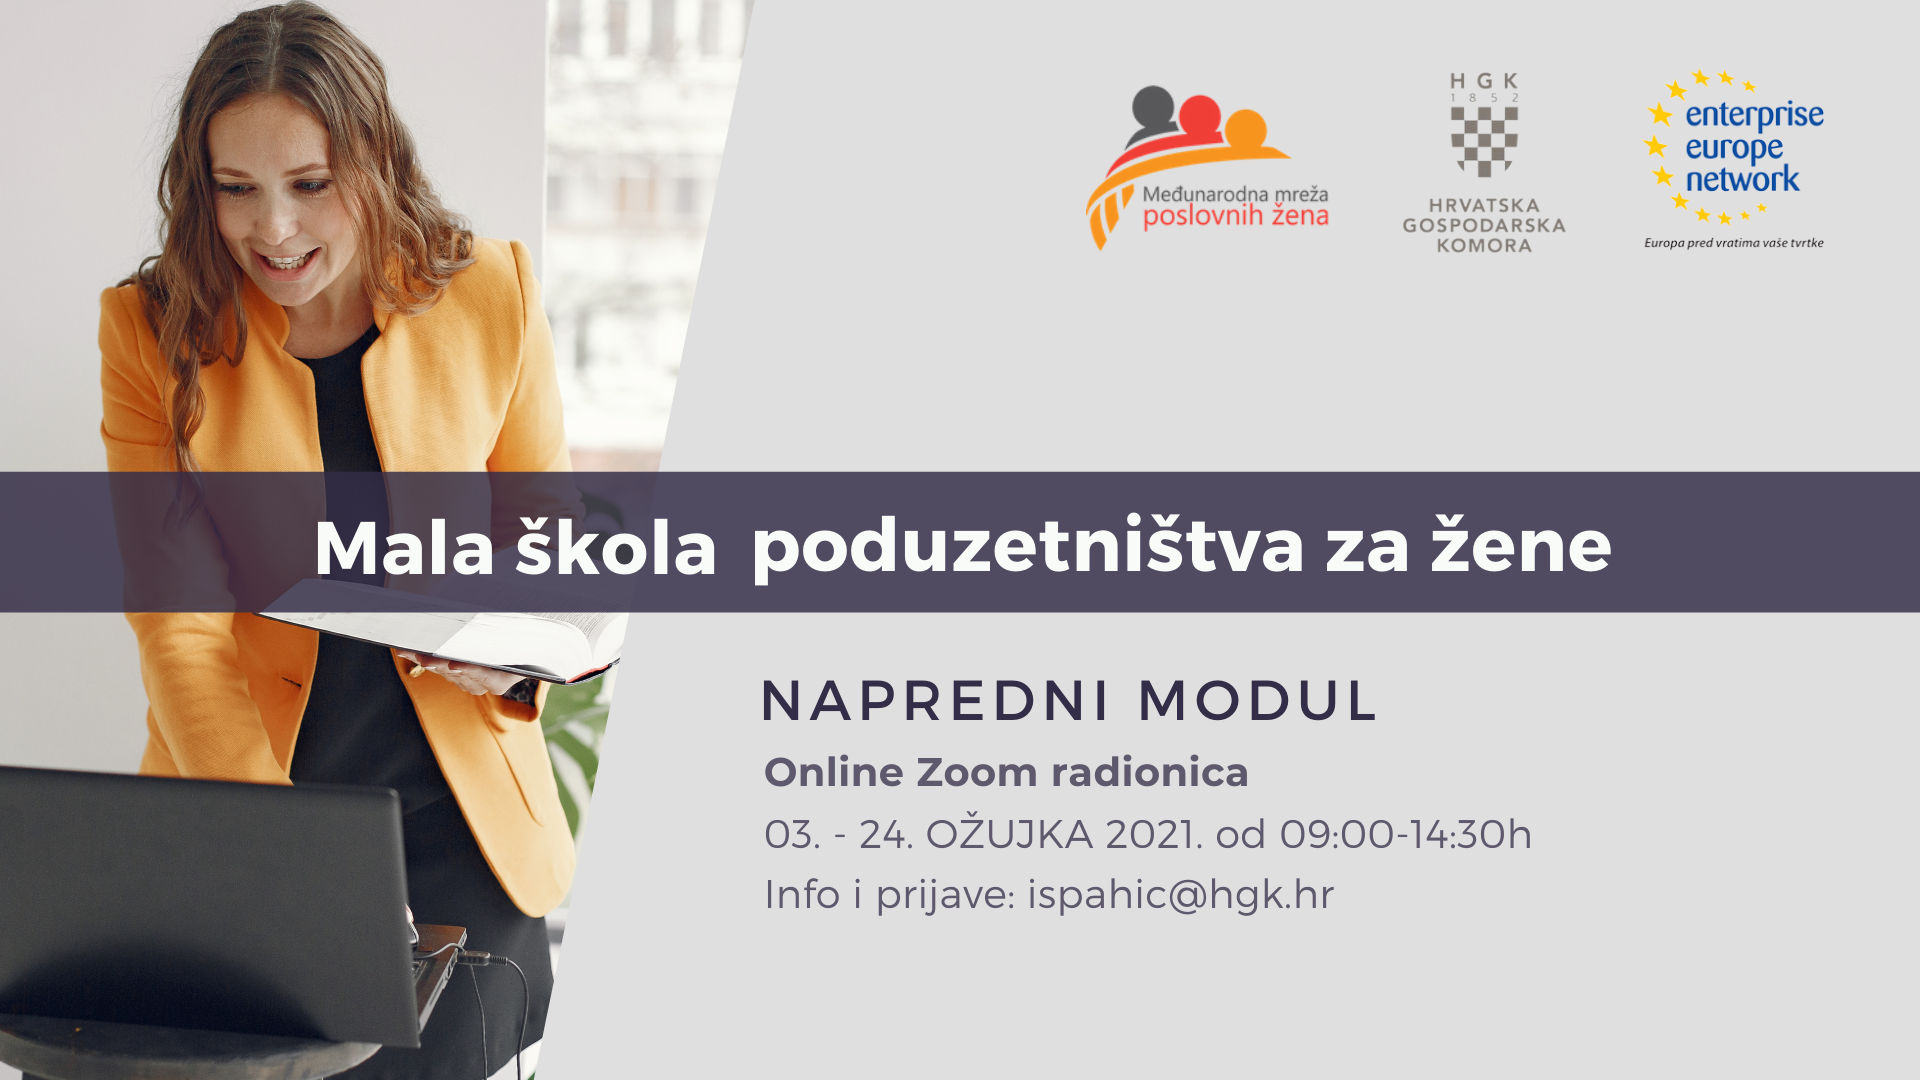 Mala škola poduzetništva za žene - NAPREDNI MODUL